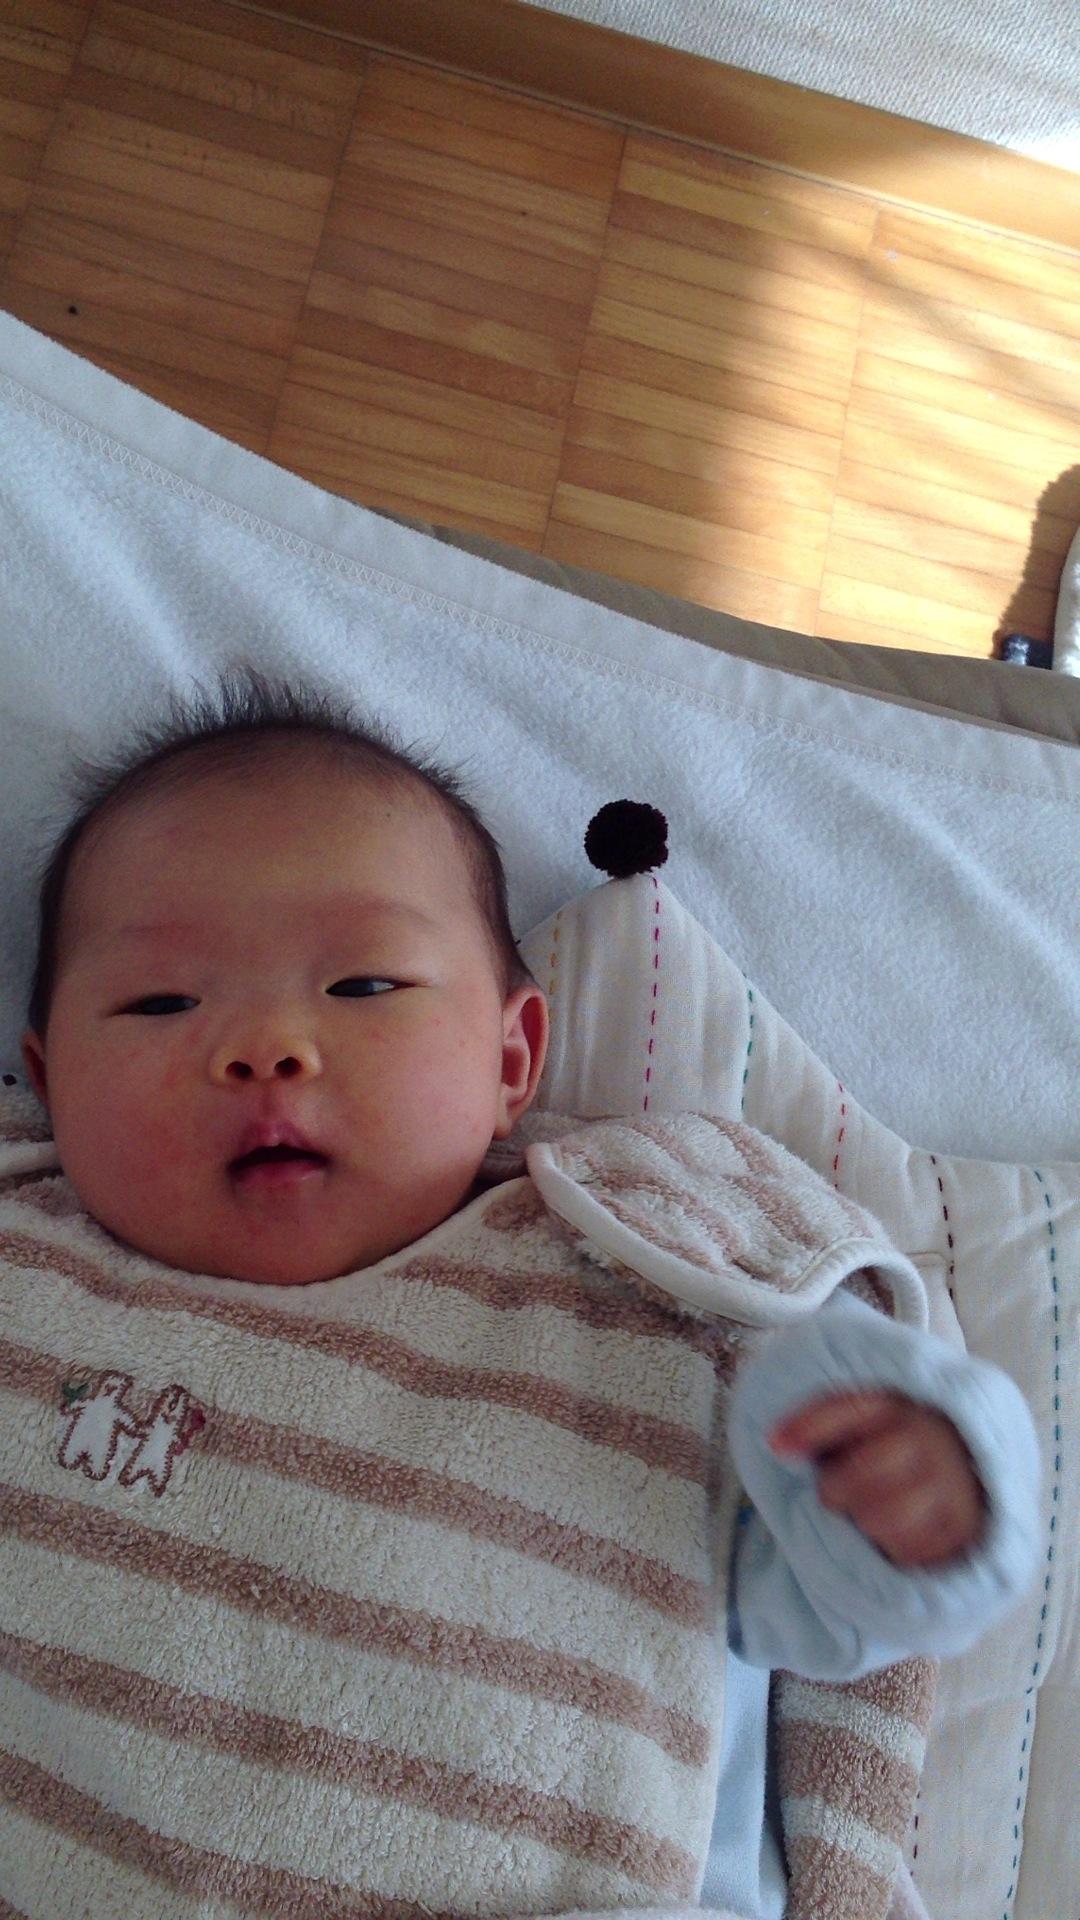 赤子を寝かしつける方法 第3回「眠れぬ者への眠りの贈り手」